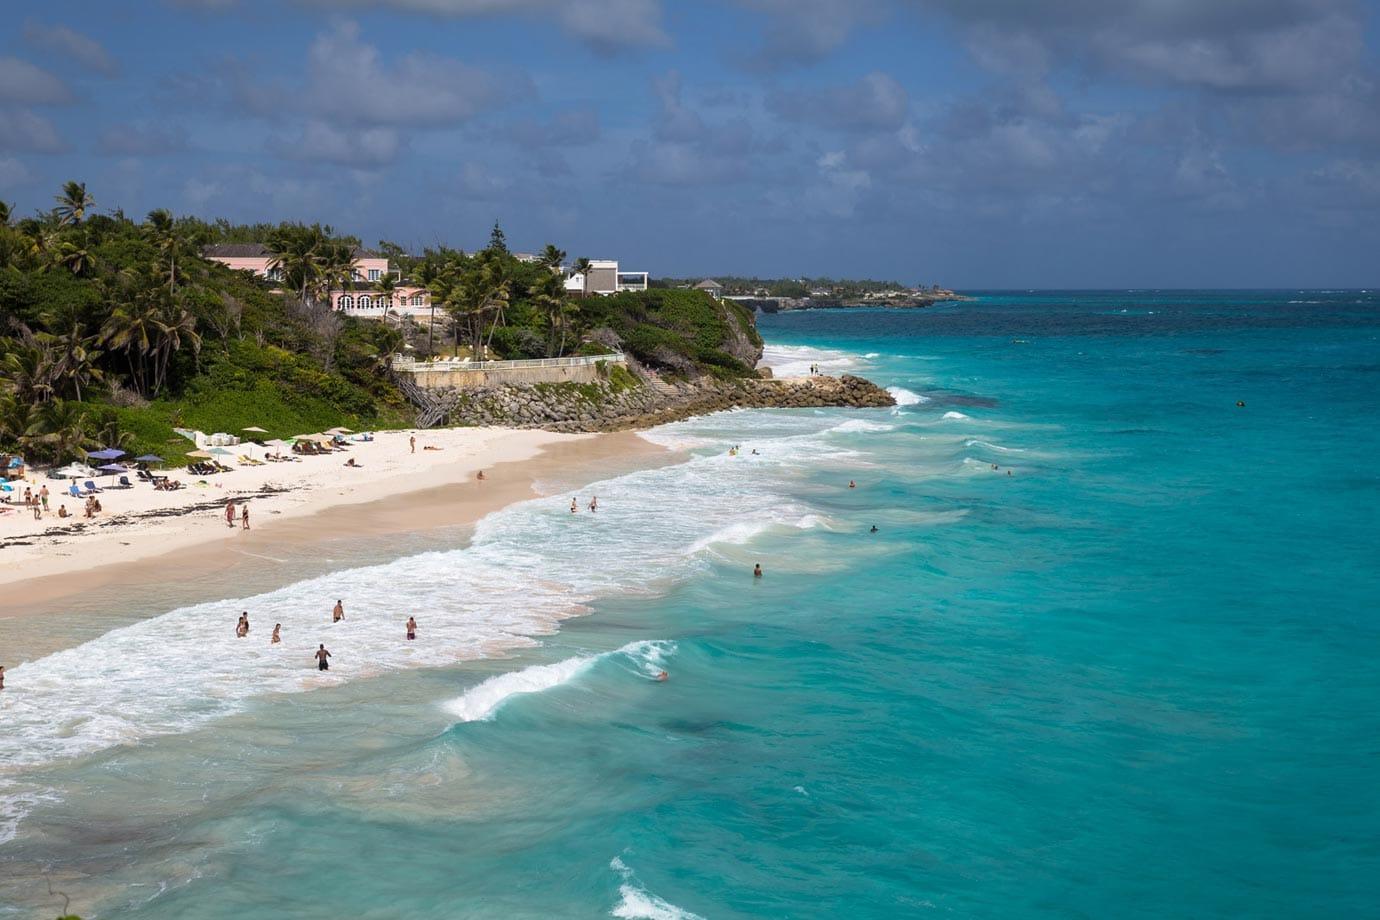 The Crane Hotel, Barbados